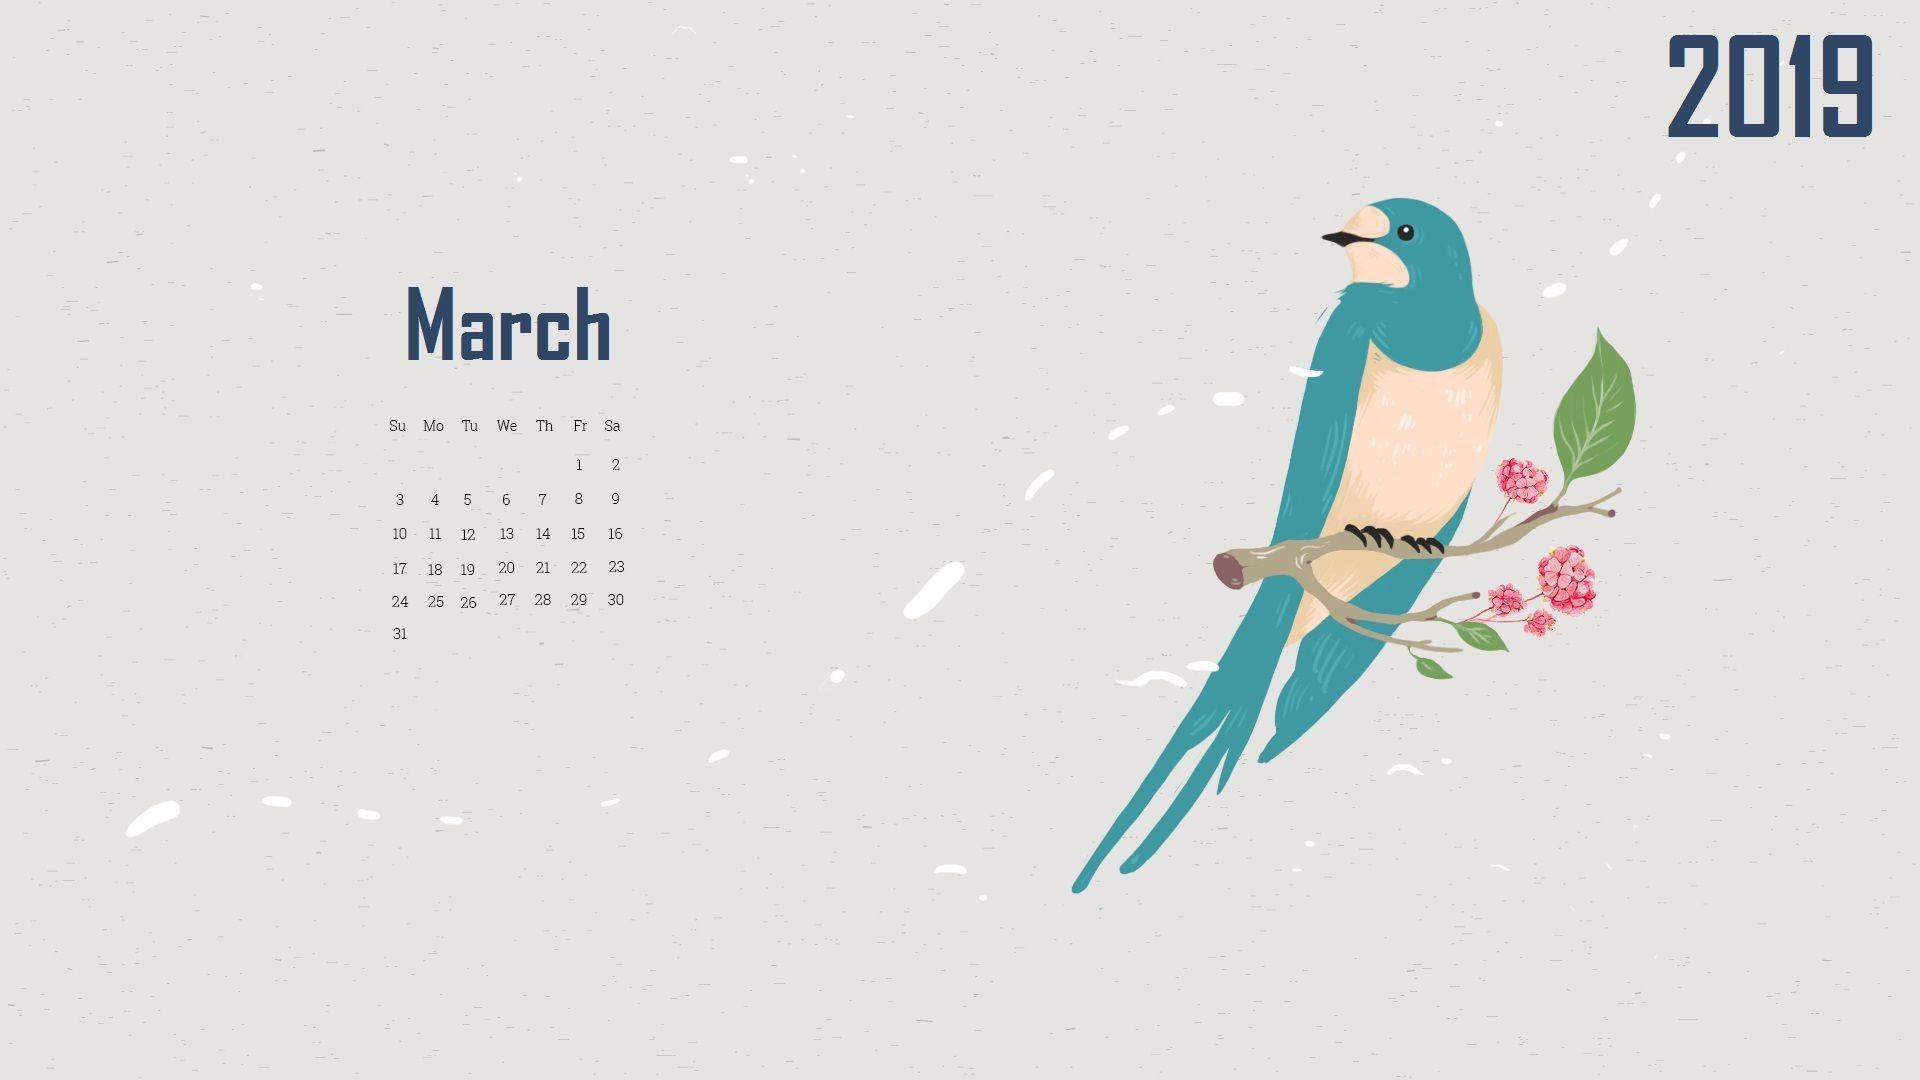 March 2019 Calendar Wallpaper